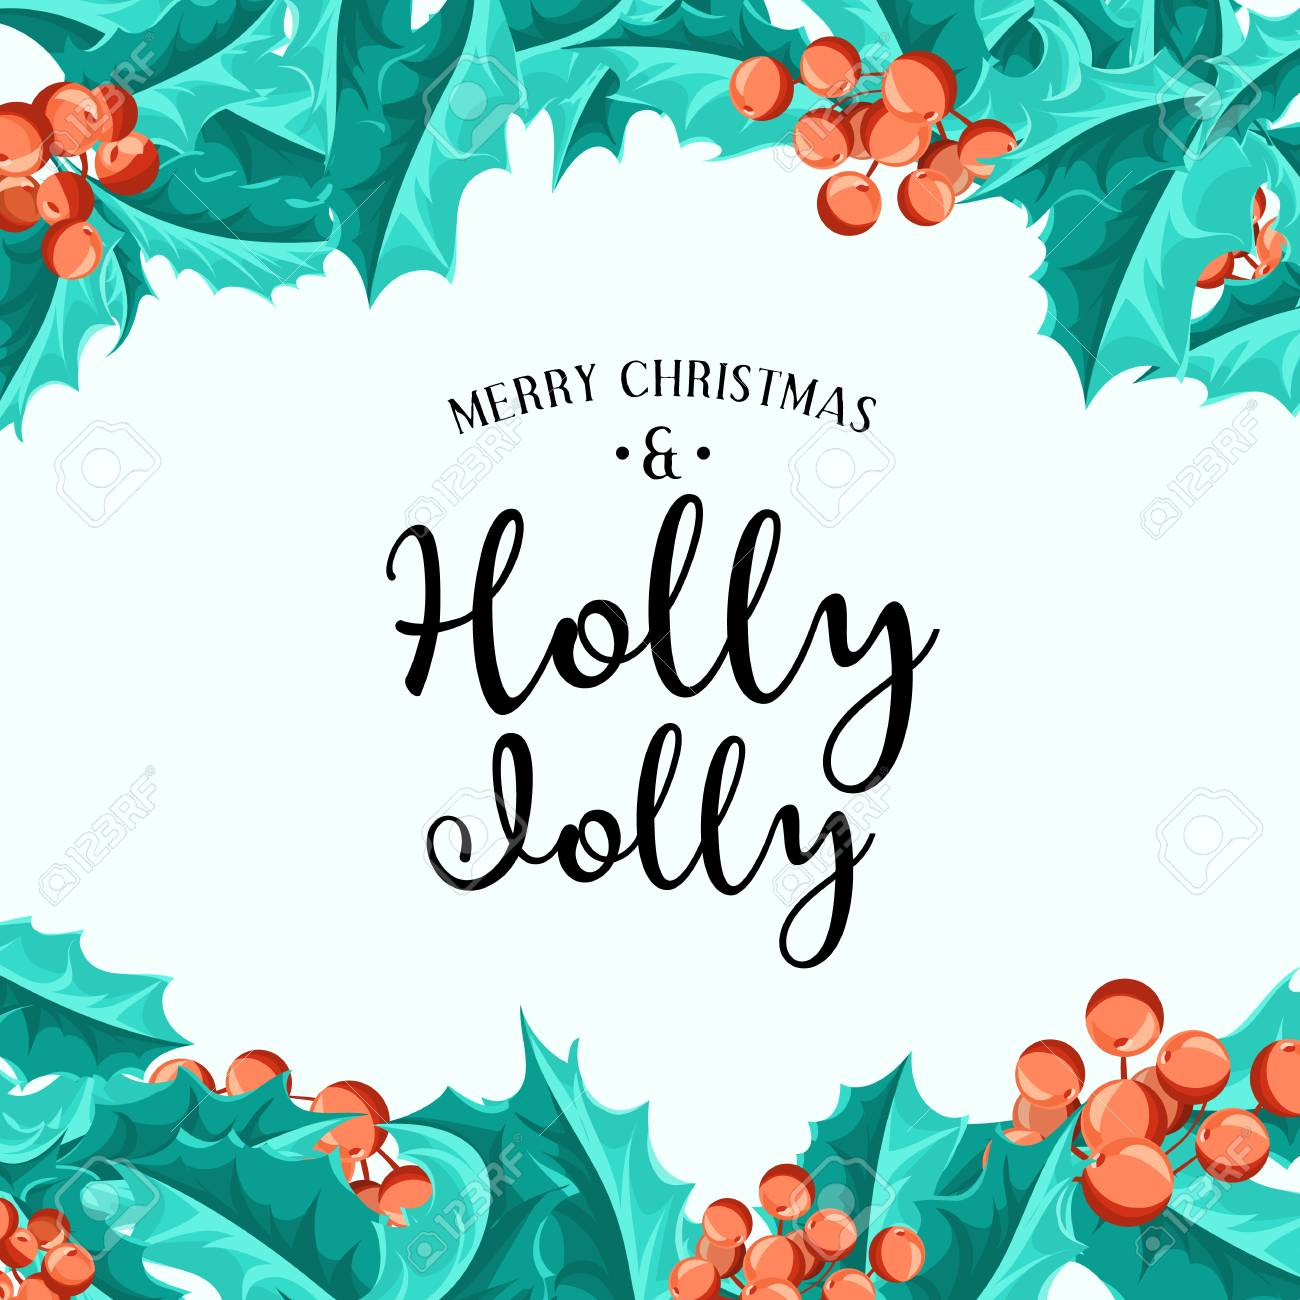 Holly Jolly Fondo De Navidad Arte Del Vector Elemento De Decoración Perfecta Para Las Tarjetas Invitaciones Y Otros Tipos De Diseño De